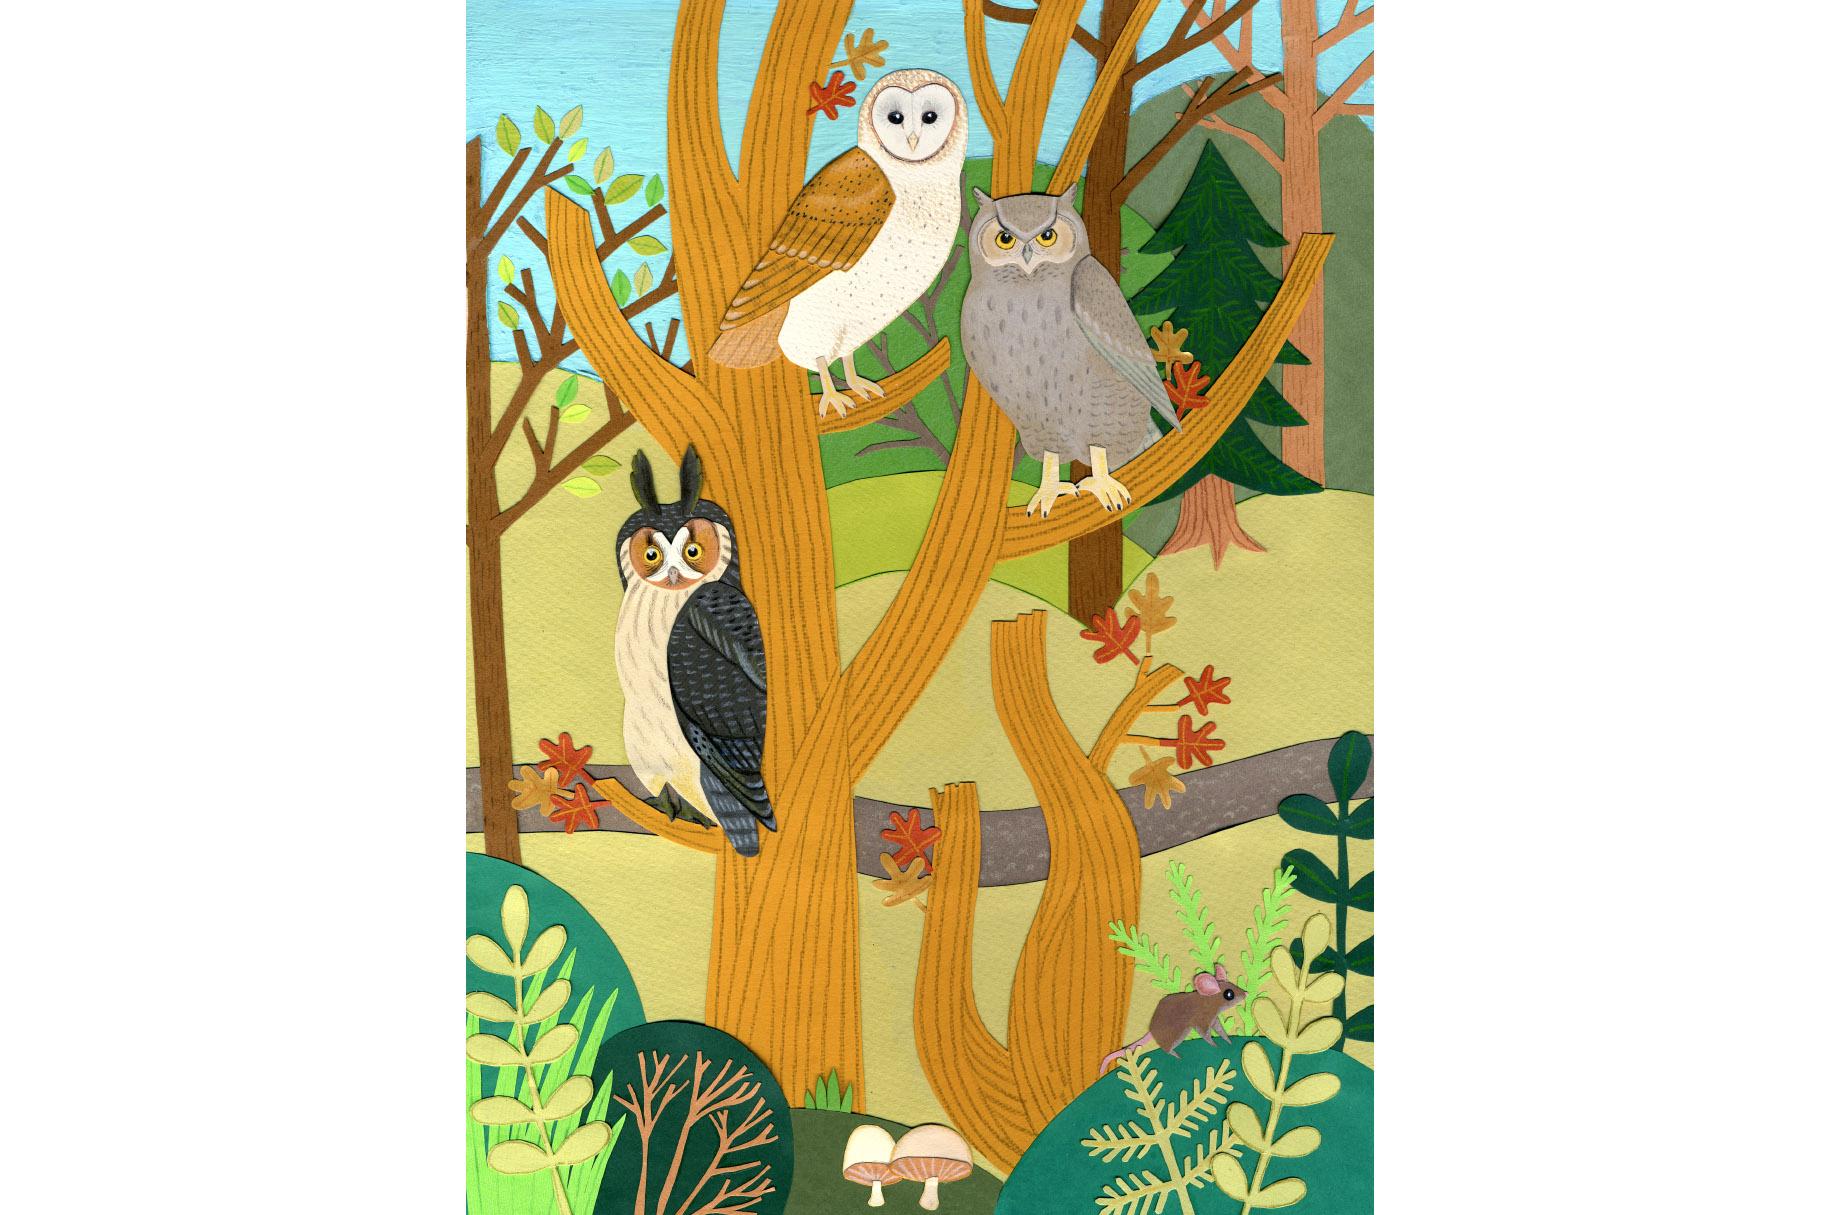 barn__great_horned_long_eared_owl_illustration.jpg